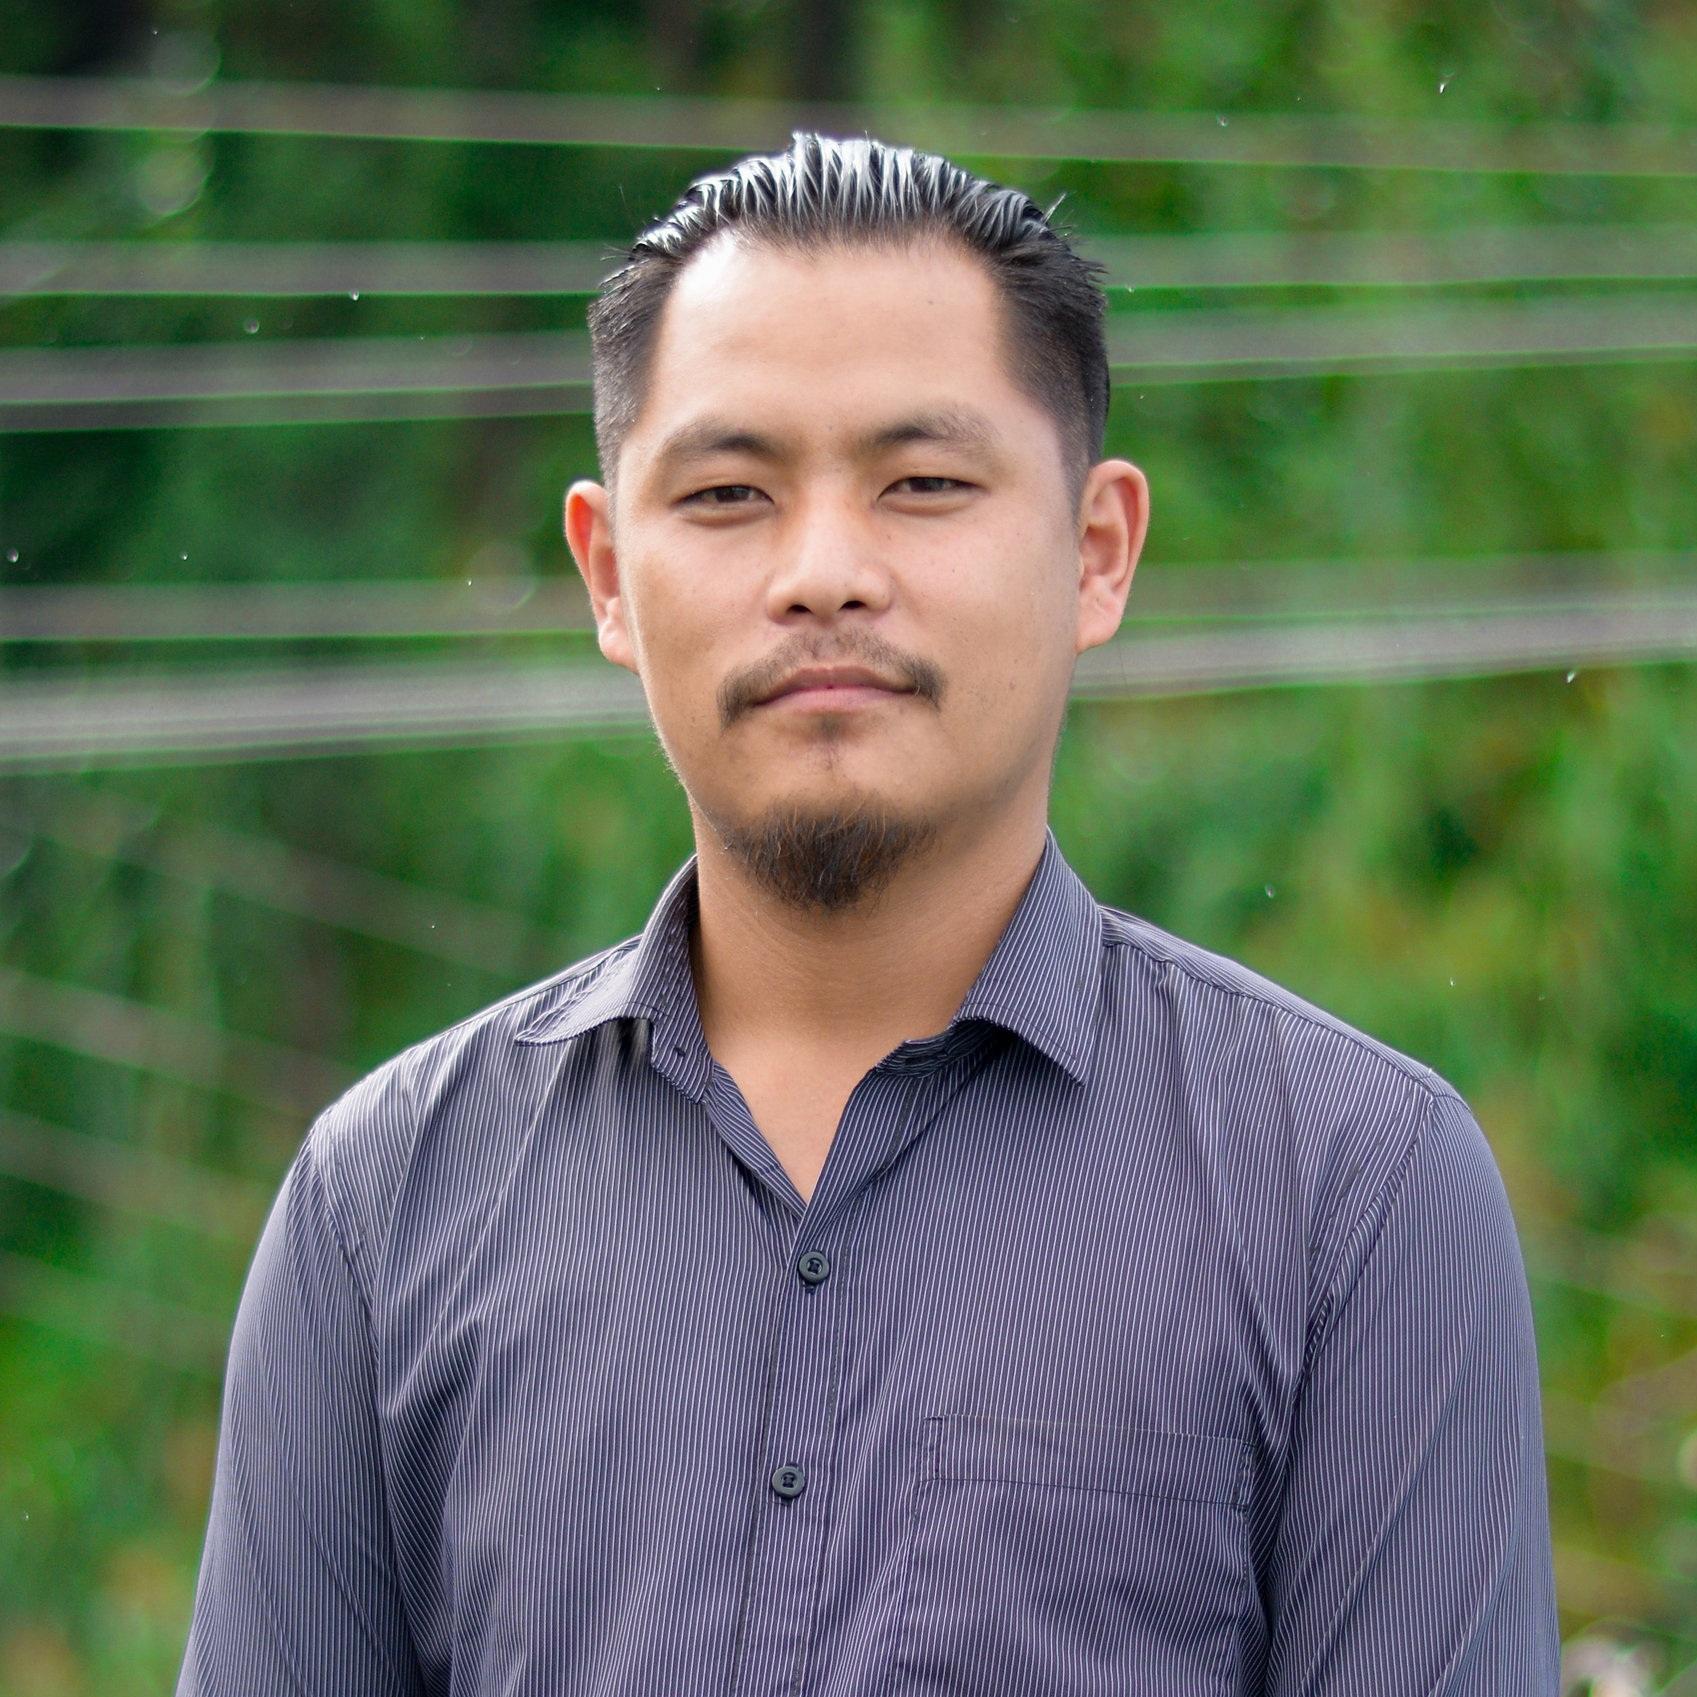 Swelvi Puyo